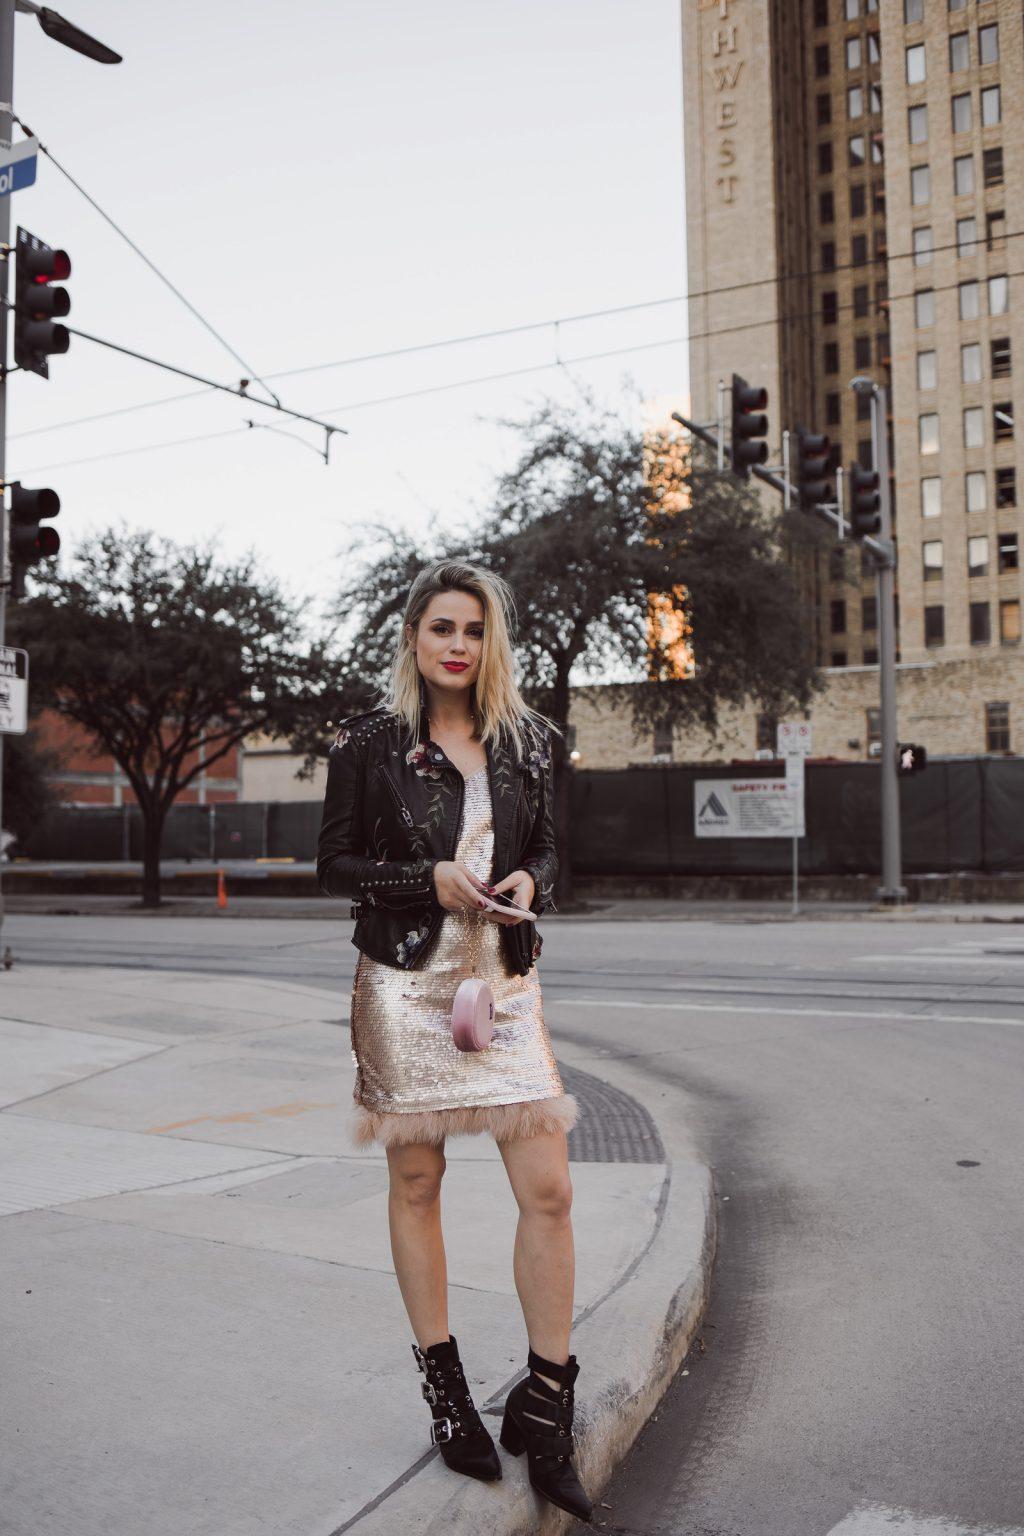 xu hướng thời trang 2019 18